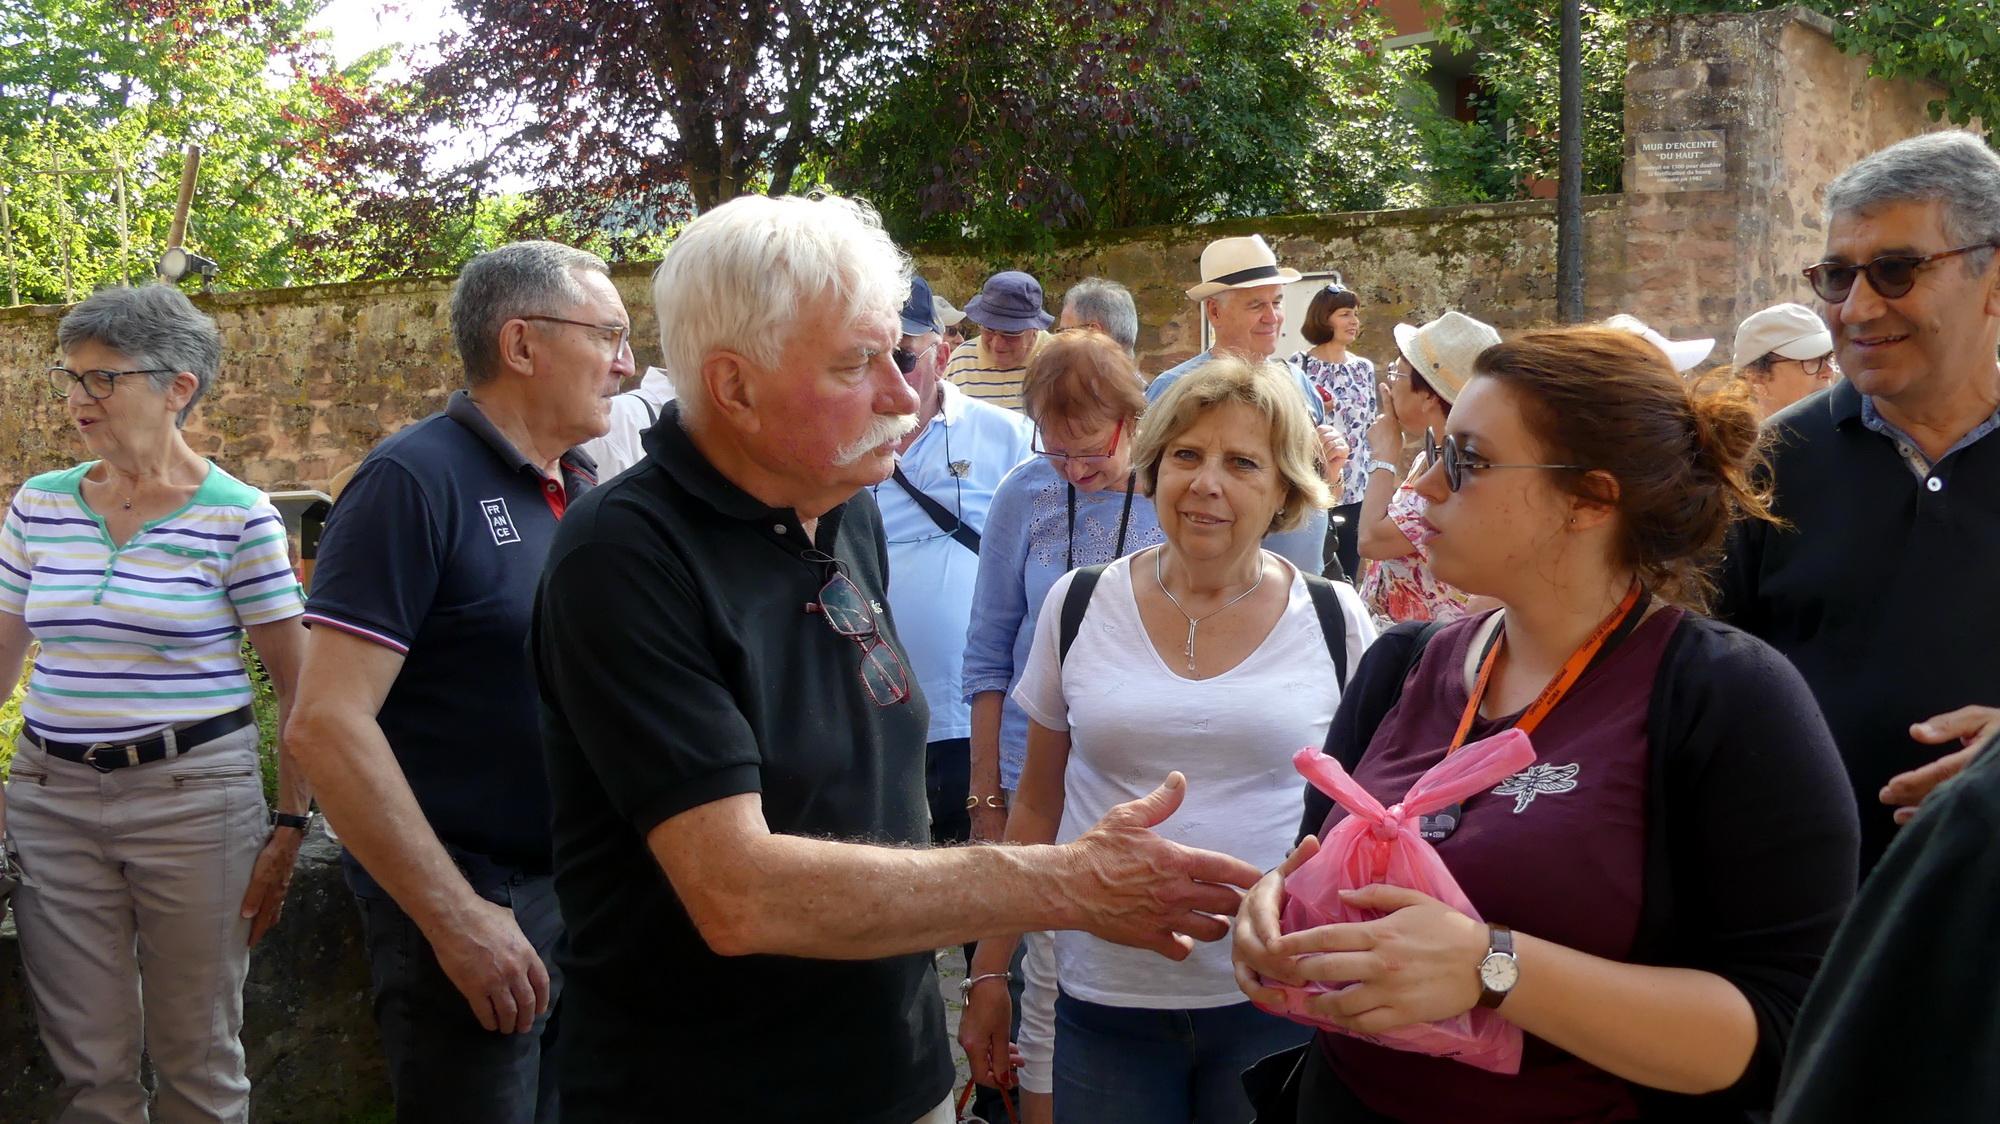 Les P46 en Alsace pour leur 55ème anniversaire 46